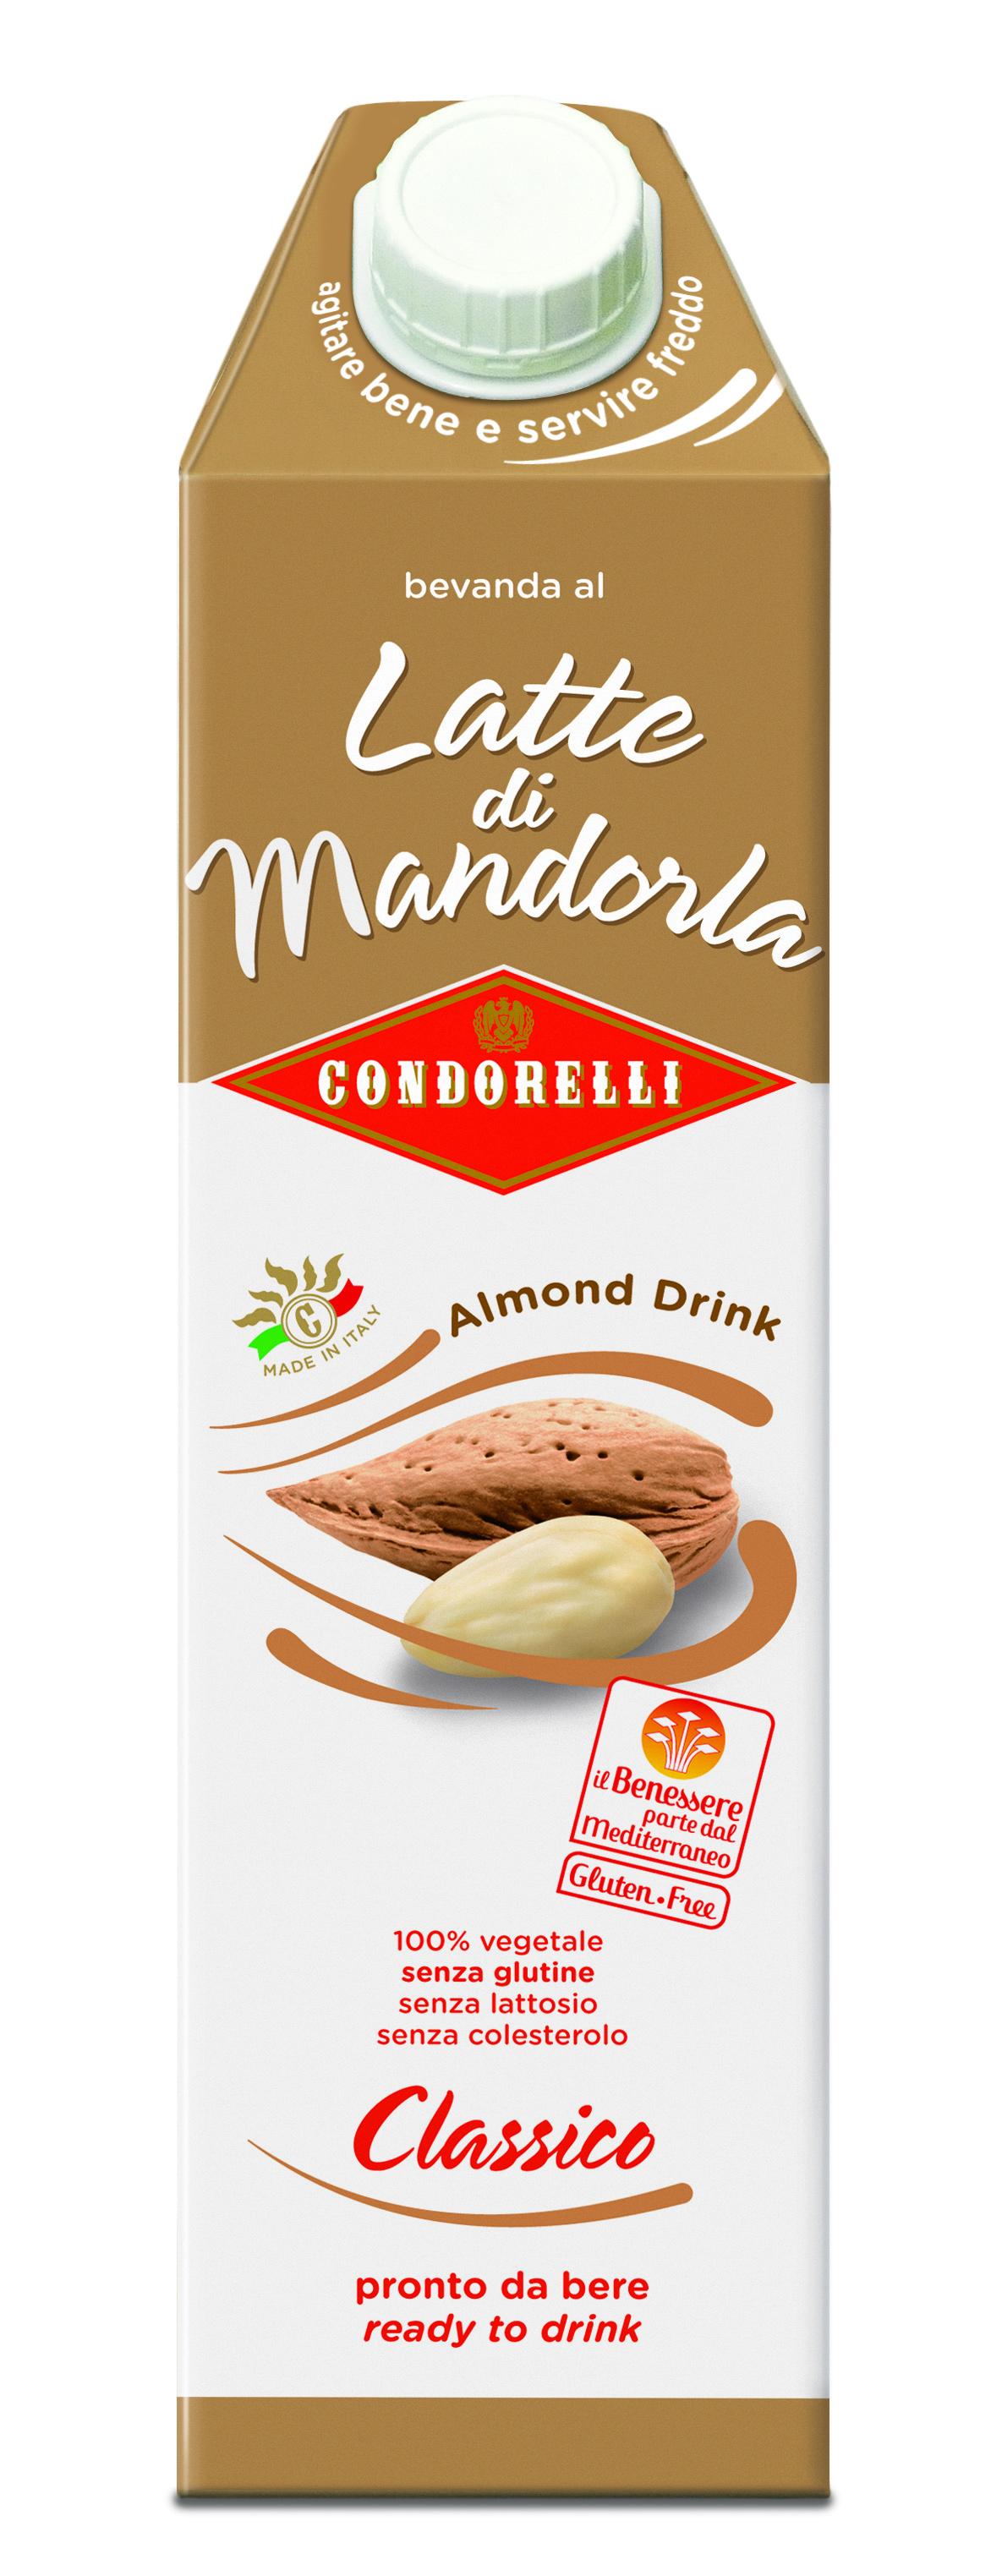 BEVANDA CONDORELLI 1L BRICK LATTE MANDOR